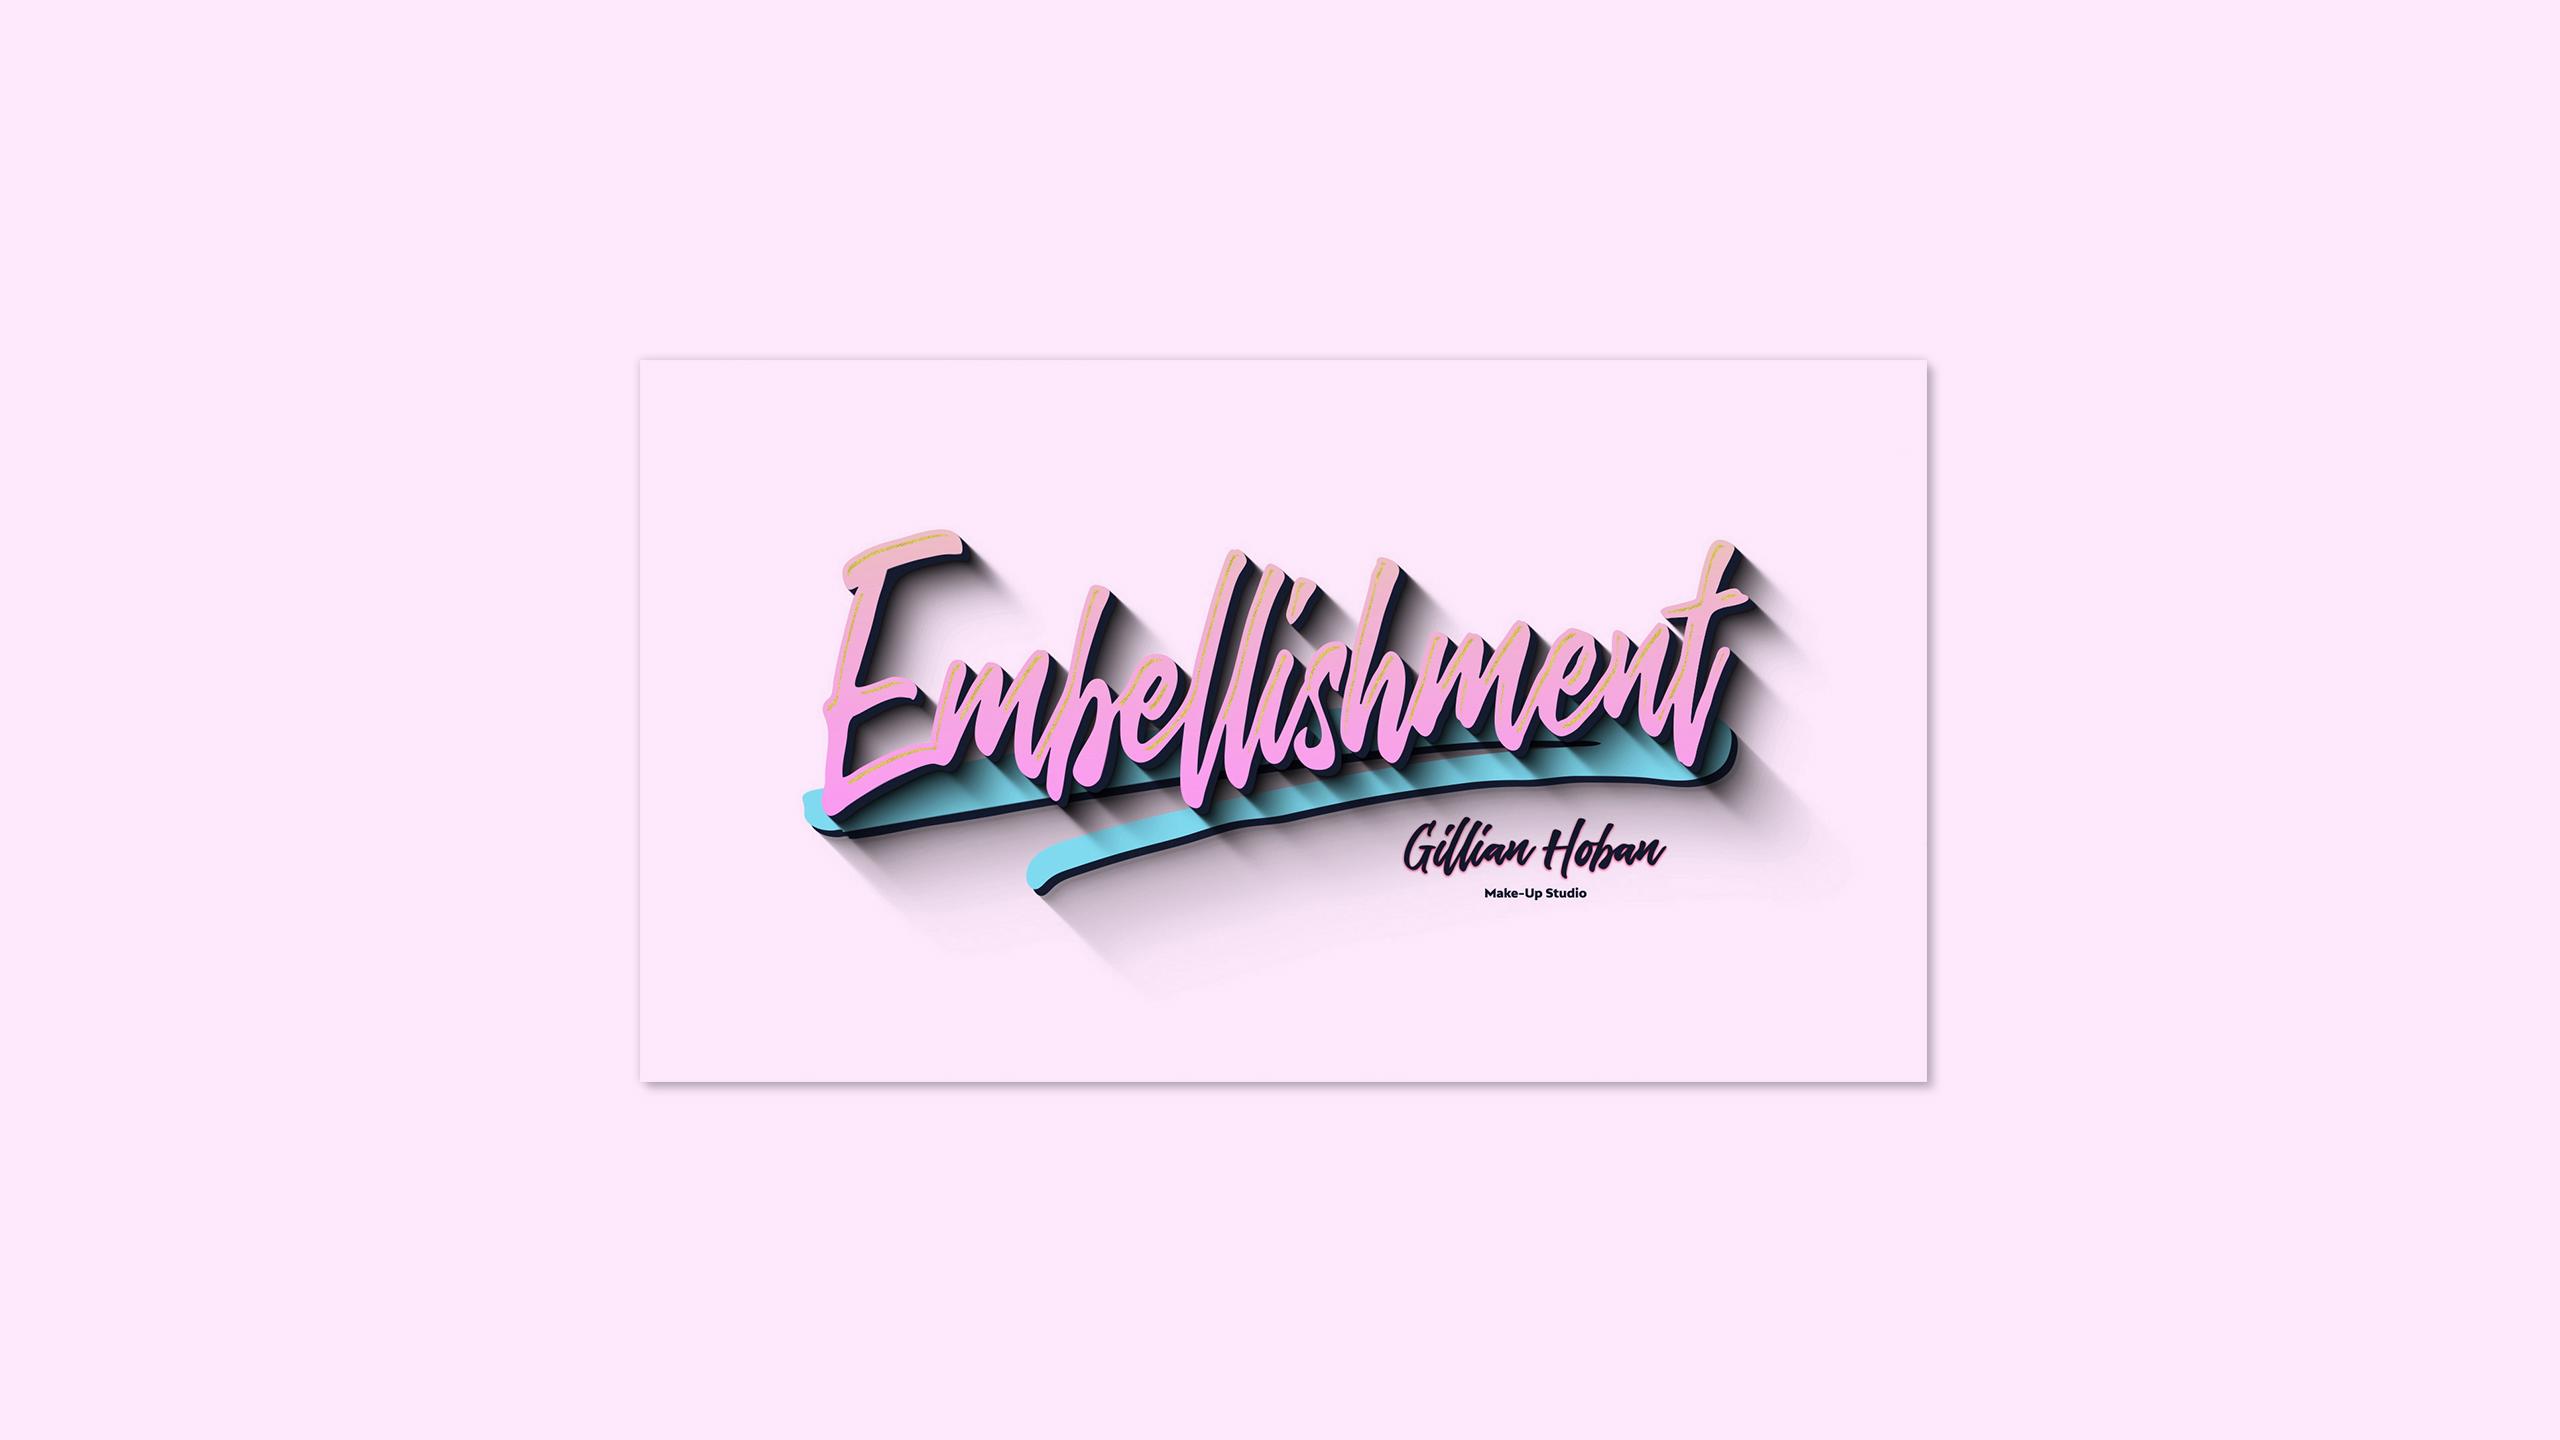 Embellishment logo created for Gillian Hoban Make-Up Studio